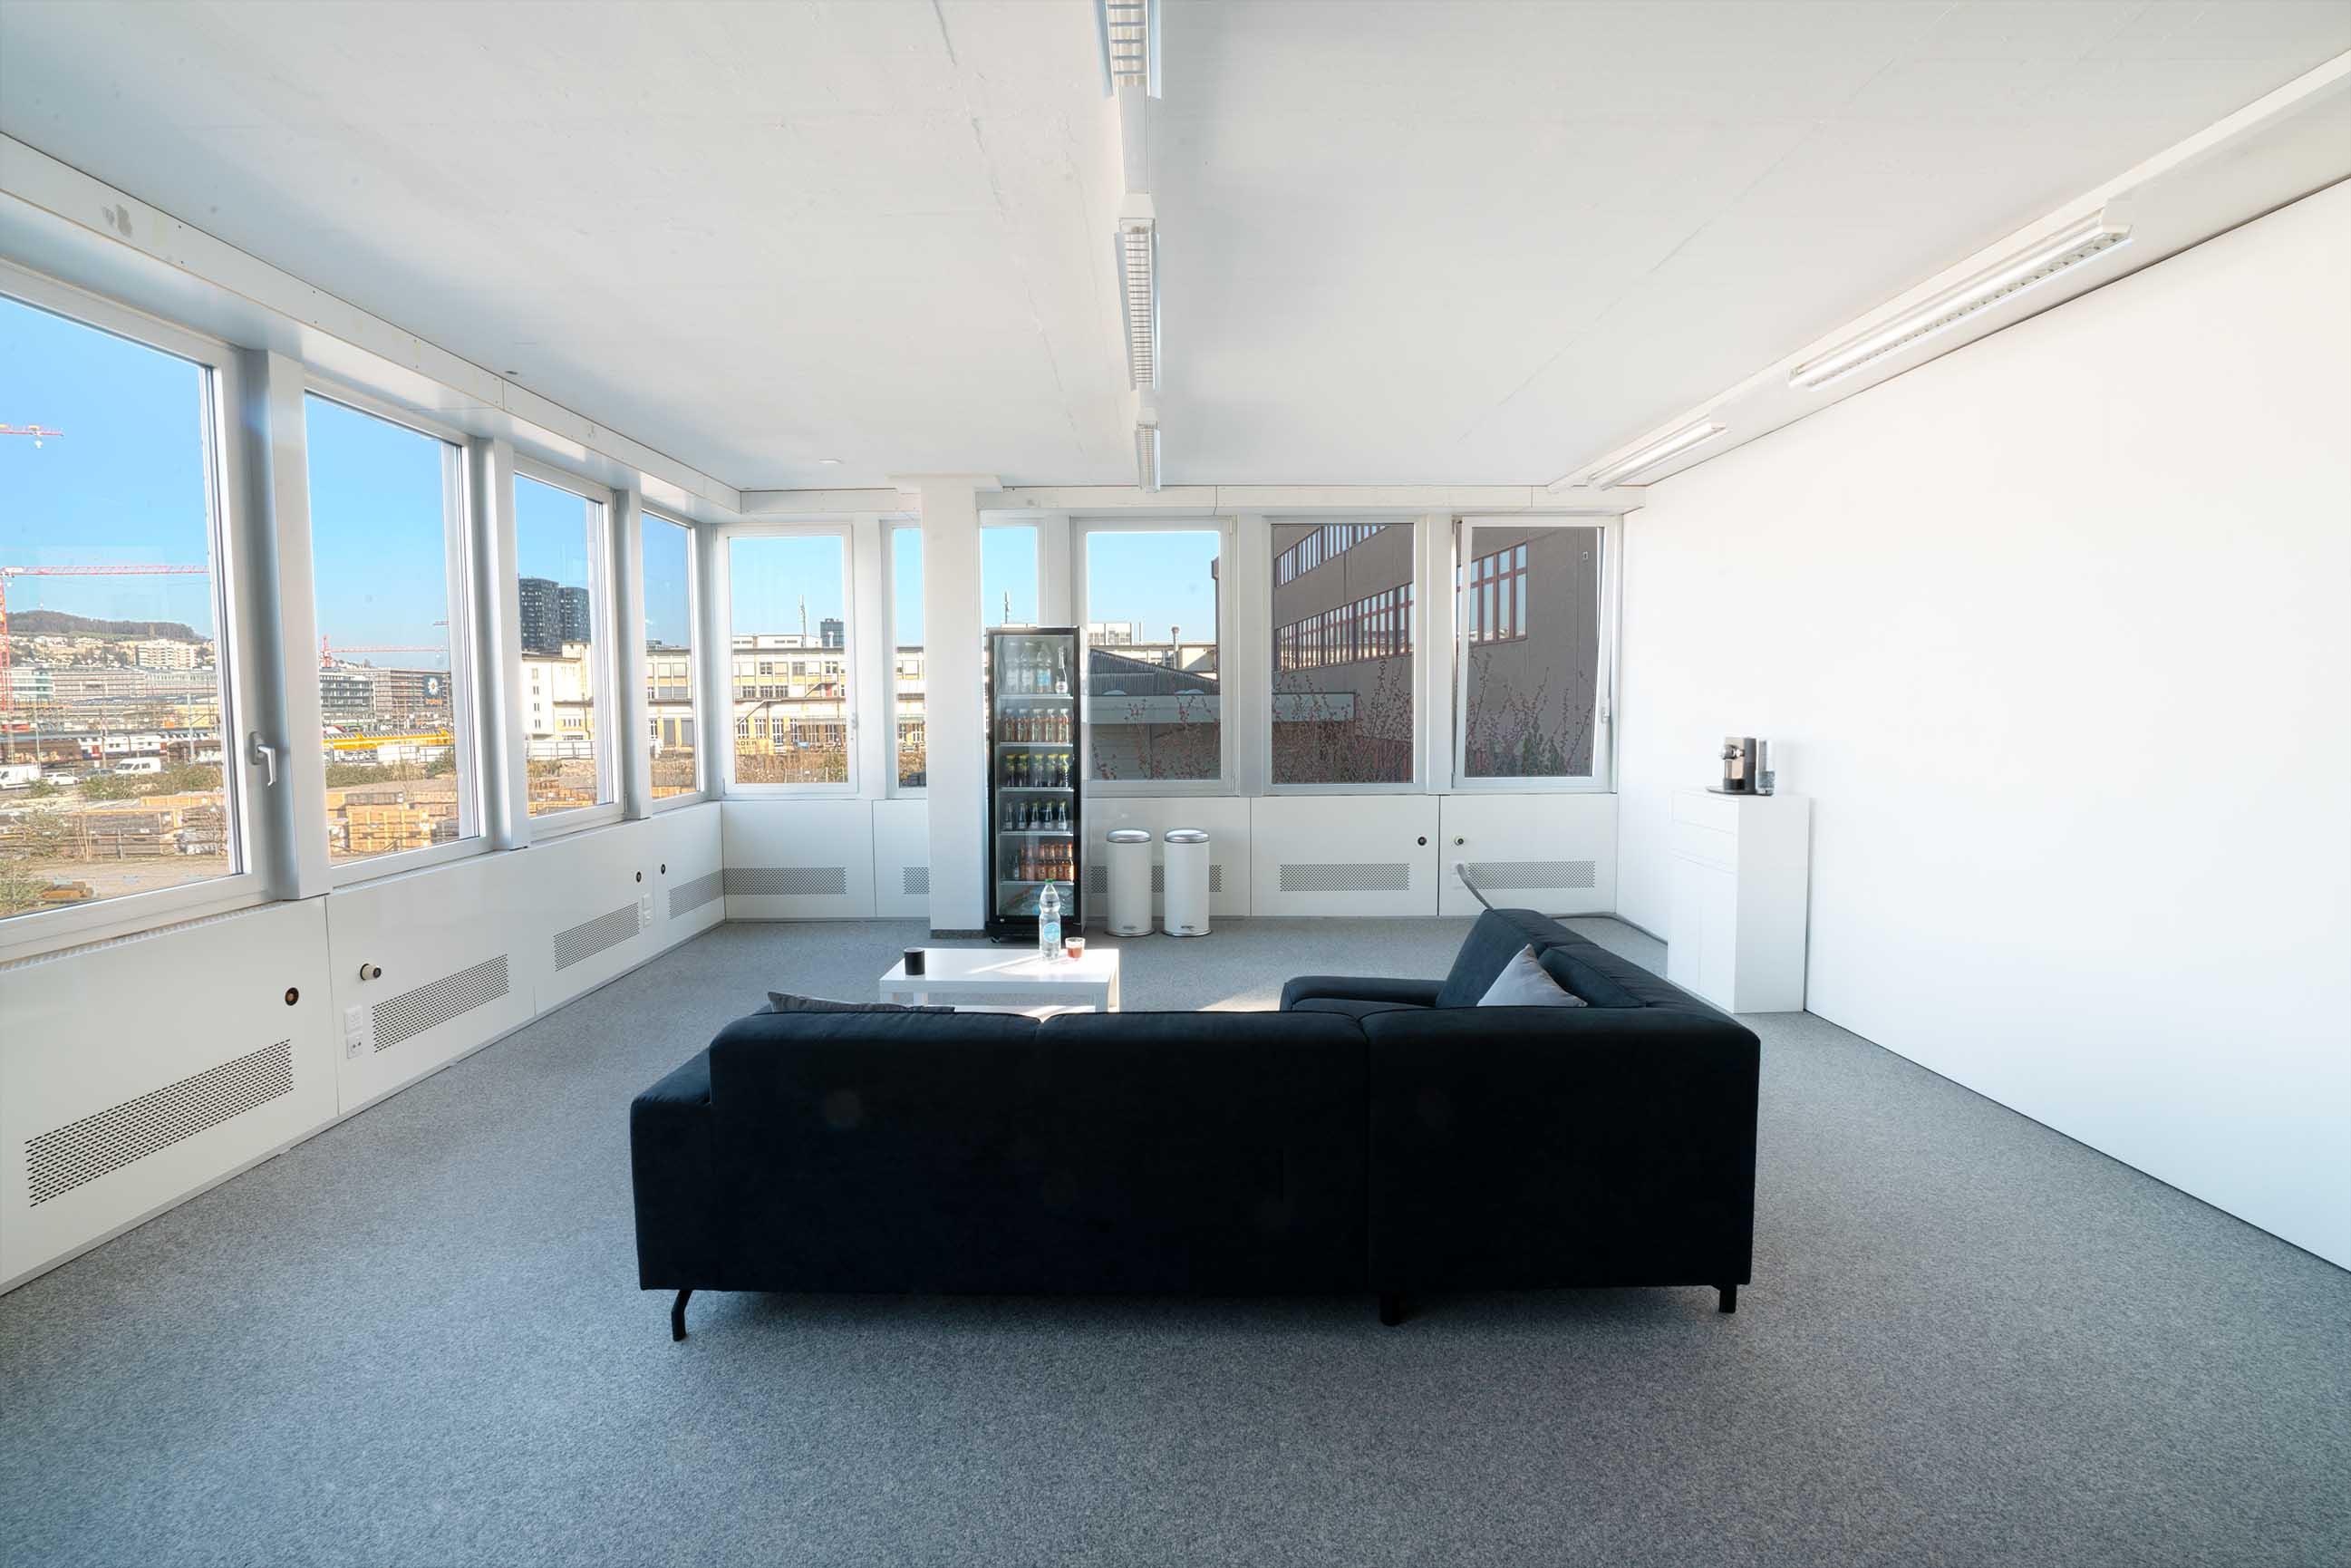 Nehmen Sie sich Zeit und machen Sie in unserer Lounge eine Pause. Sofa, Kühlschrank, Gratis, Google Office, Fortune 500 büro, dezeen, coworking